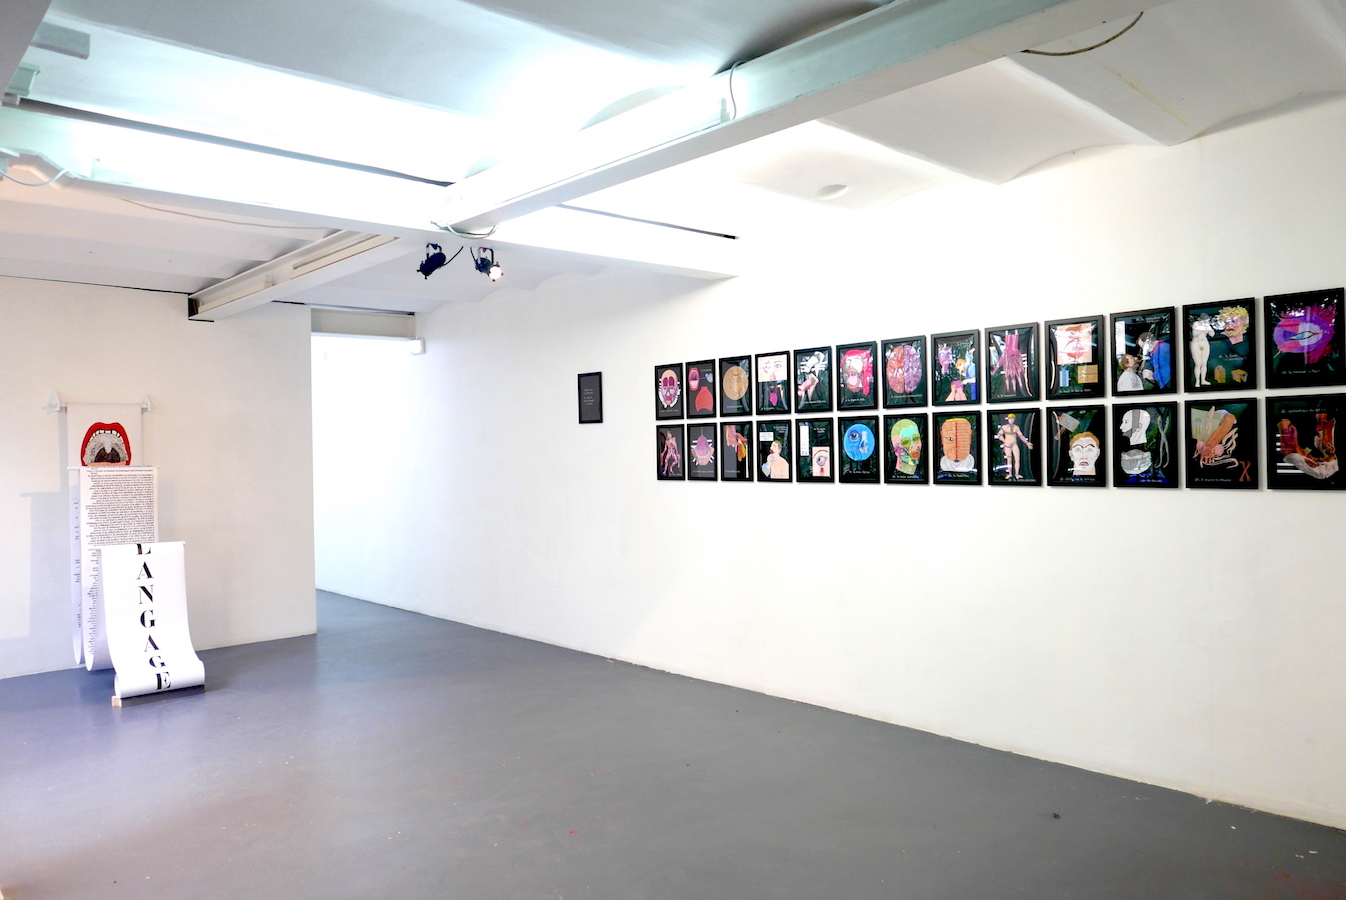 Vue d'exposition, Anatomie littérature 26 planches rehaussées de couleurs | art-cade*